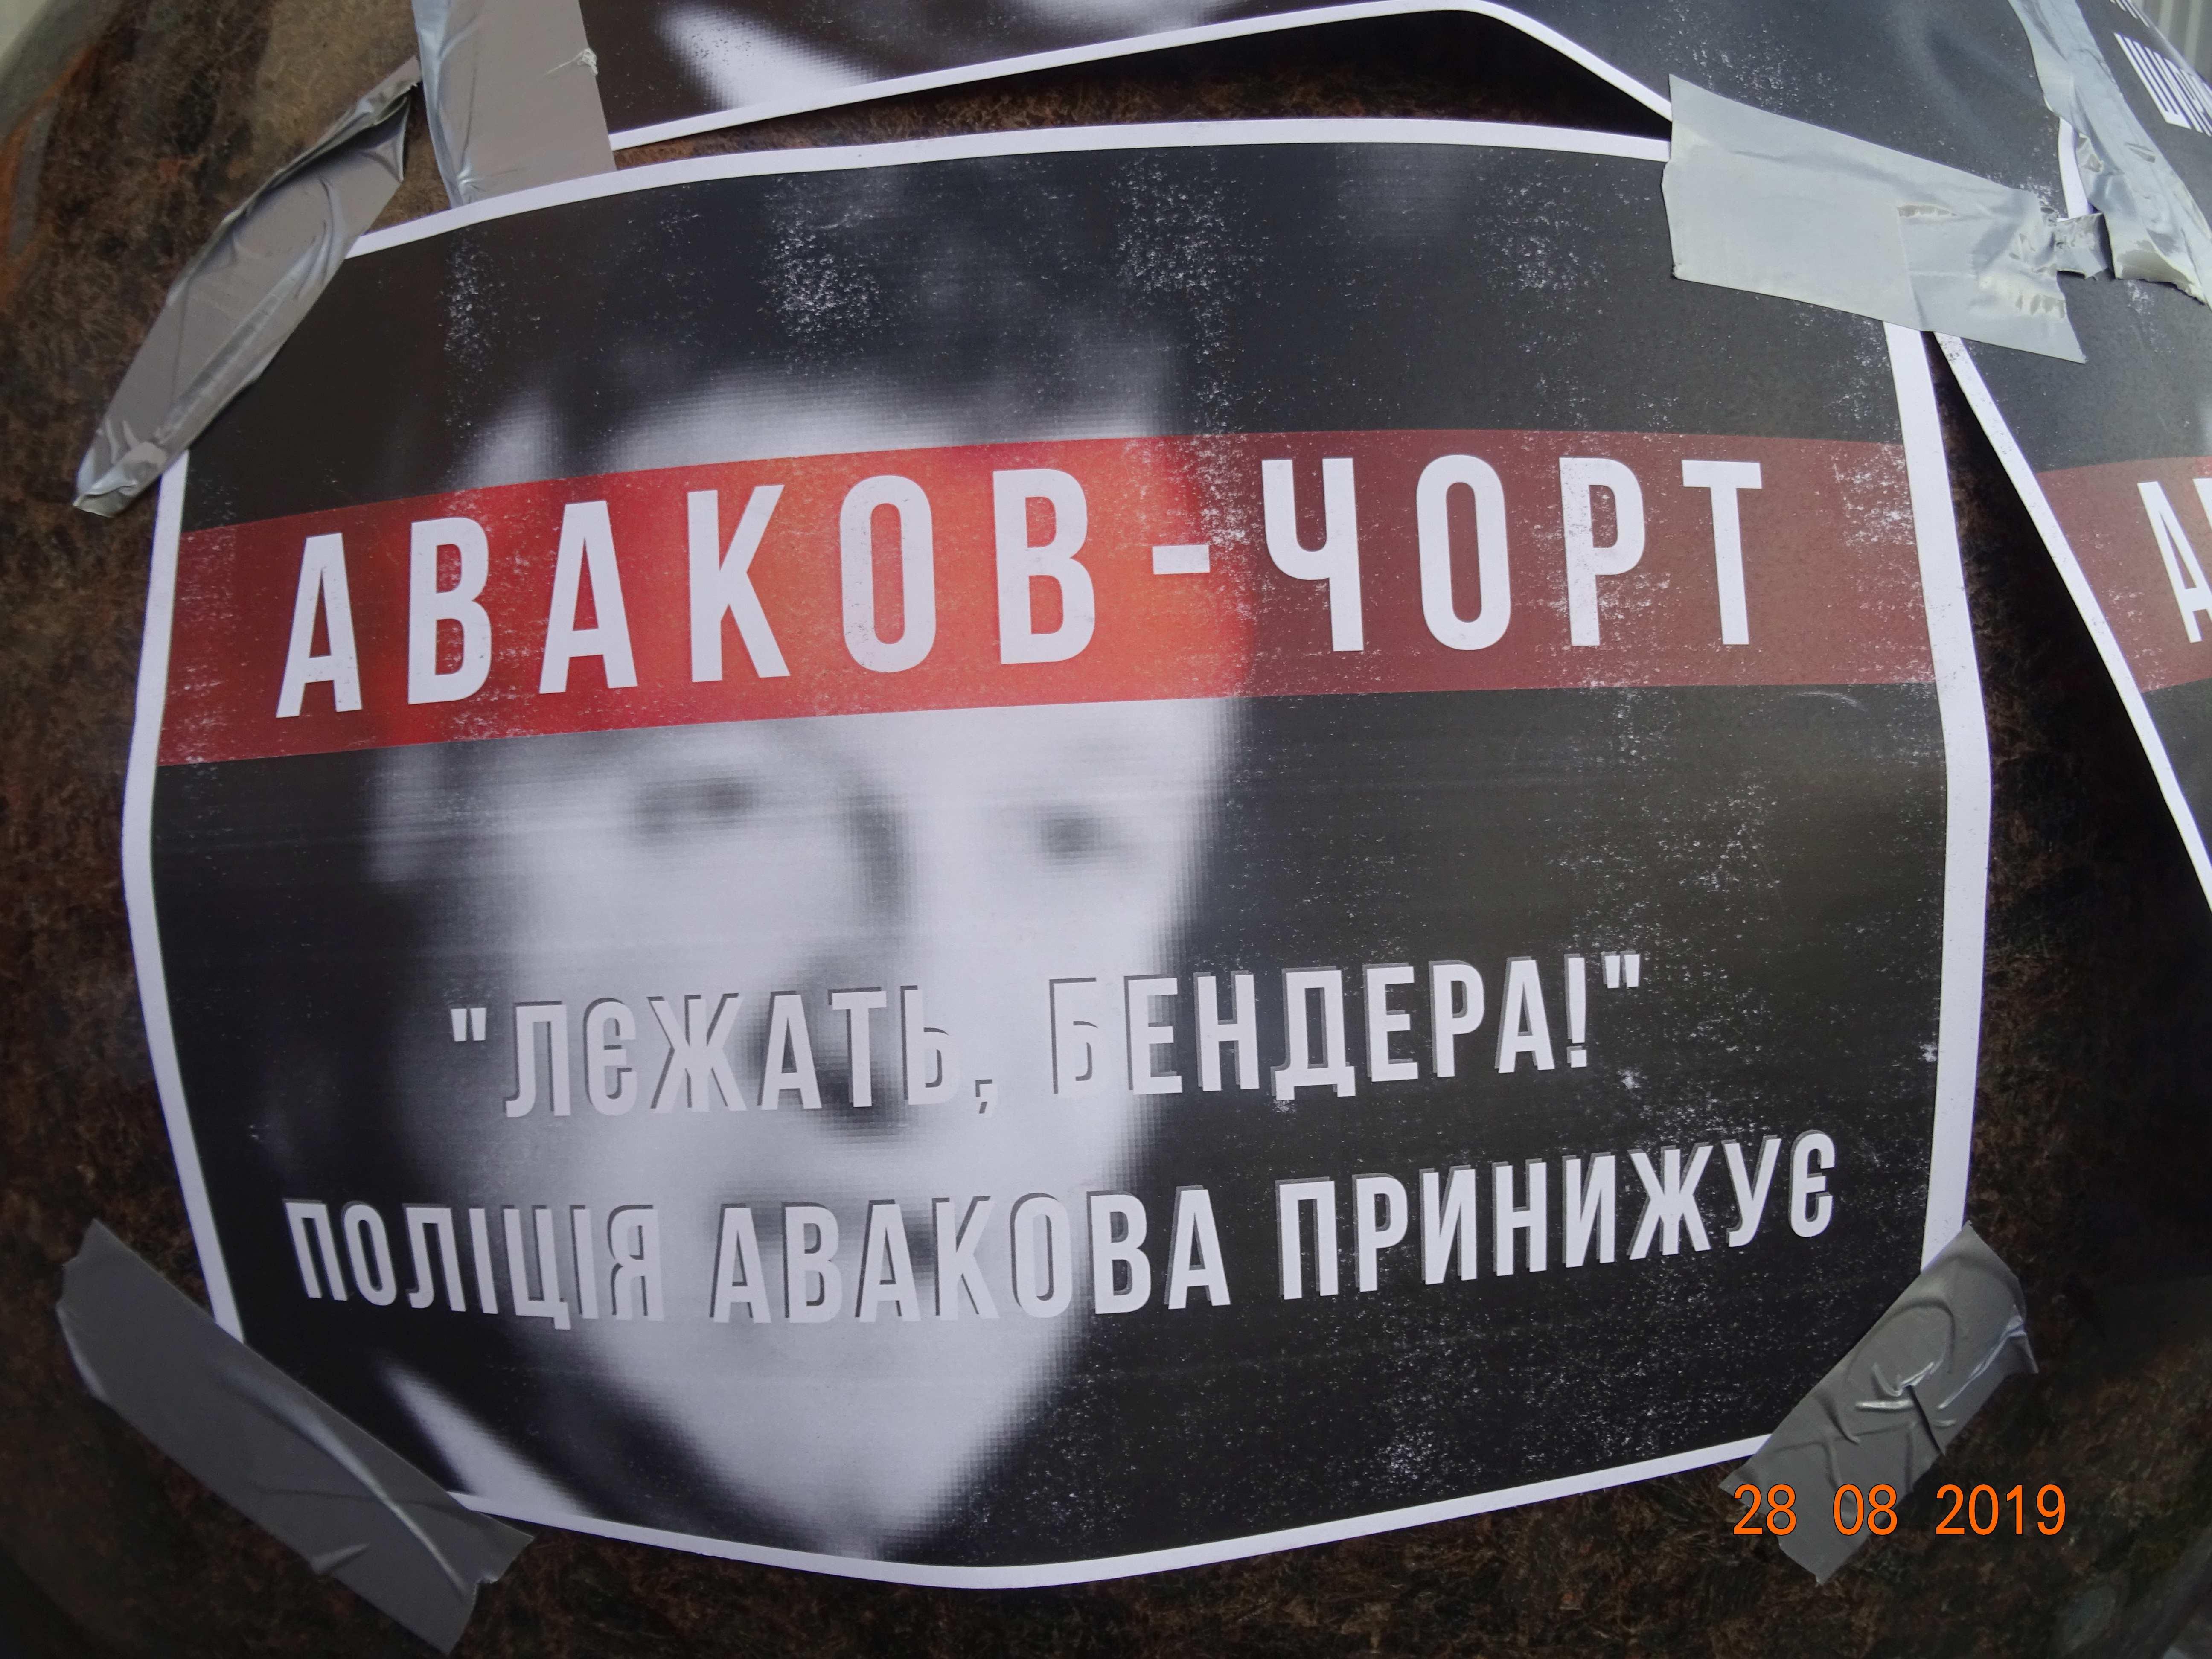 Avakov-Chort-Devil - Avakov-Chort-Devil-image020.jpg